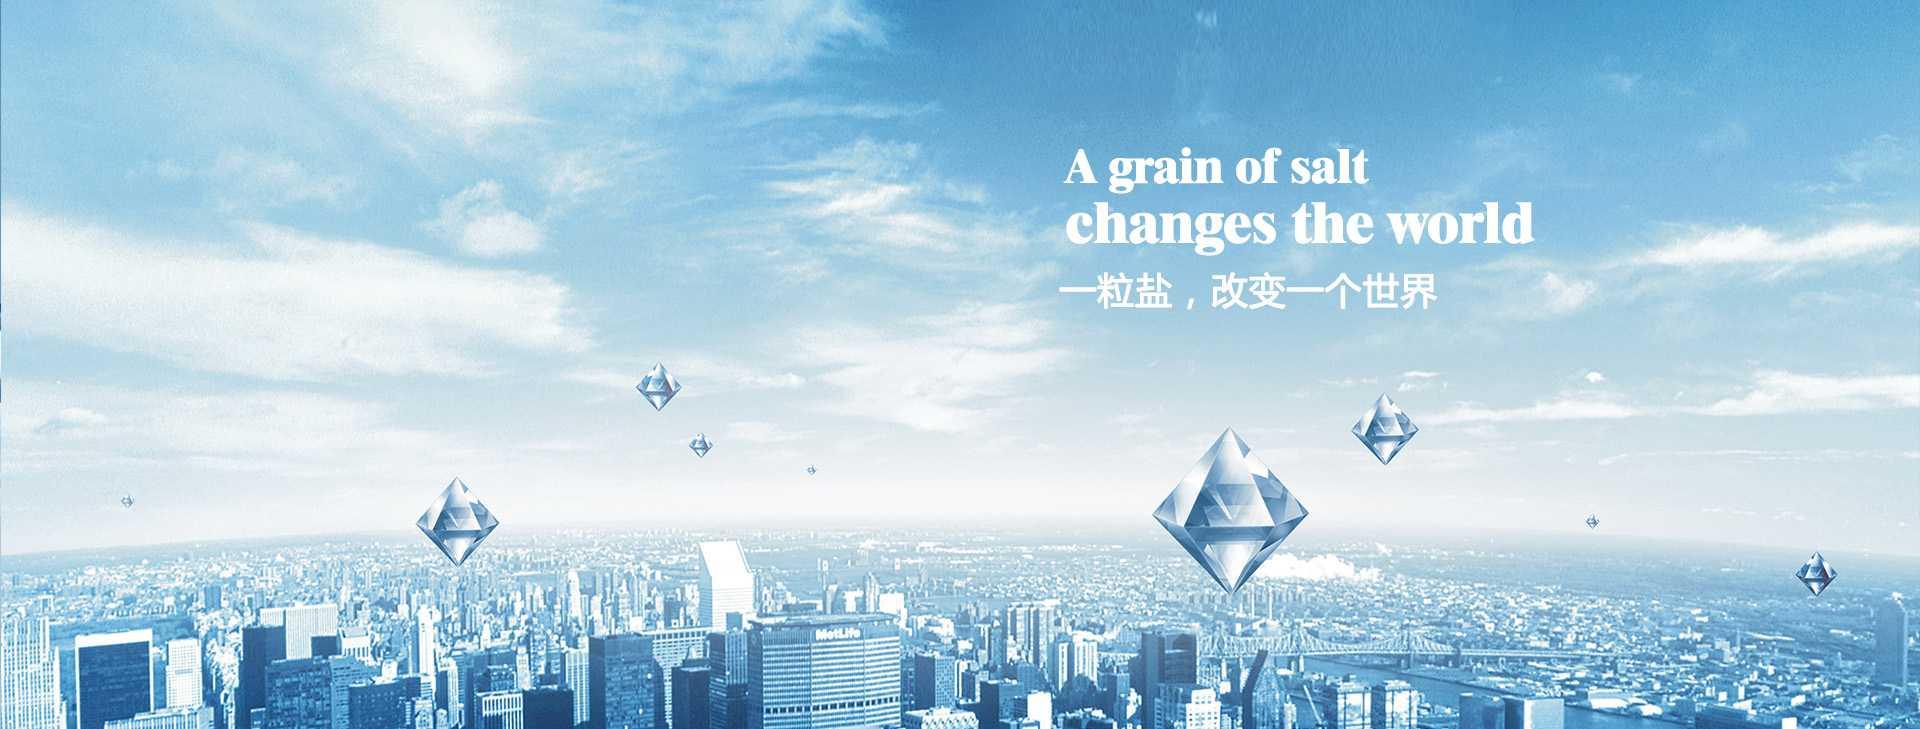 一粒盐,改变一个世界